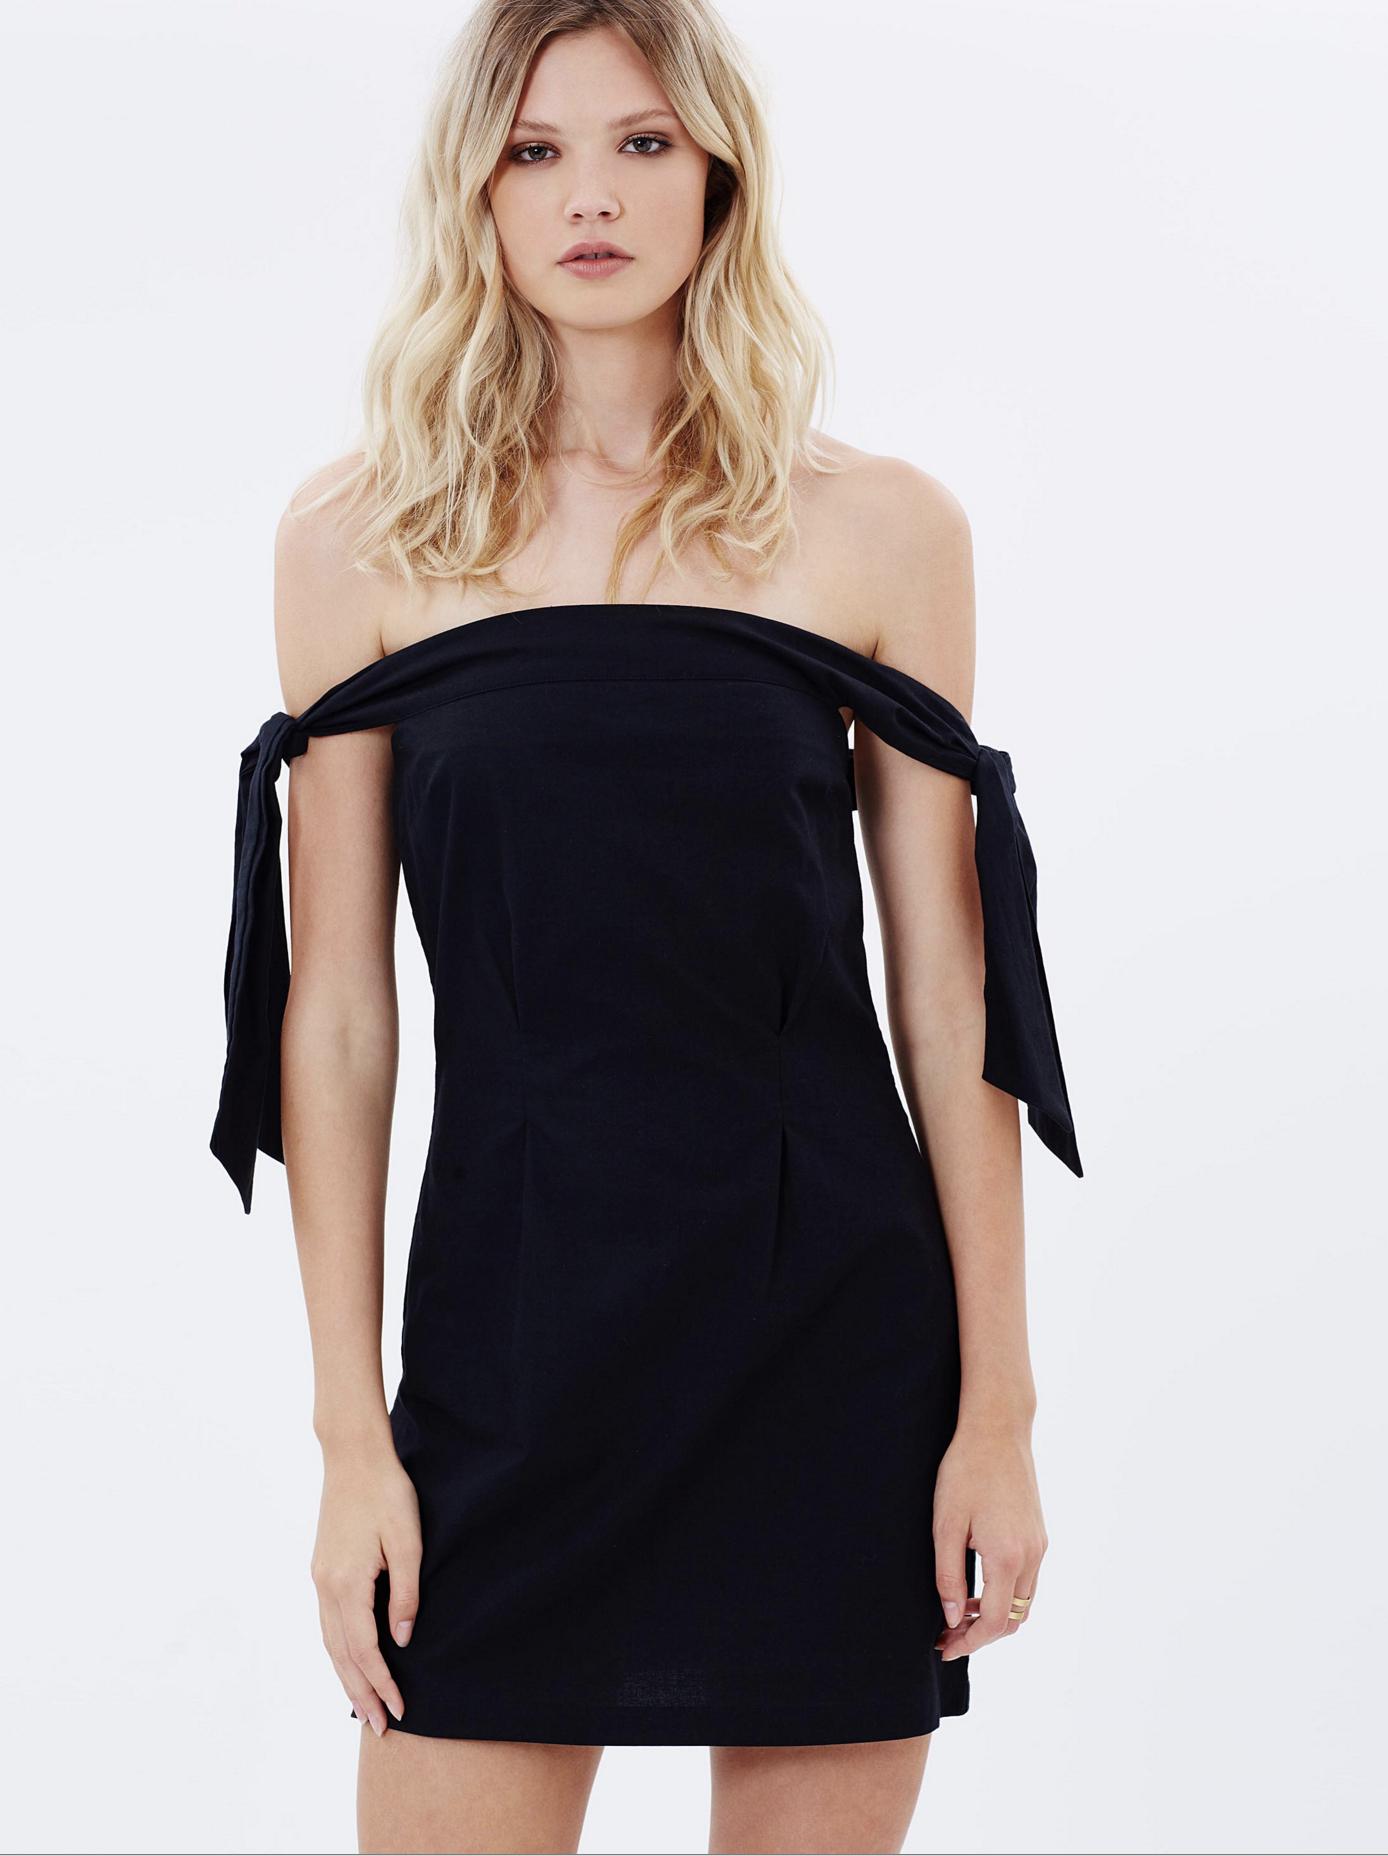 MLM New York shoulder dress $159